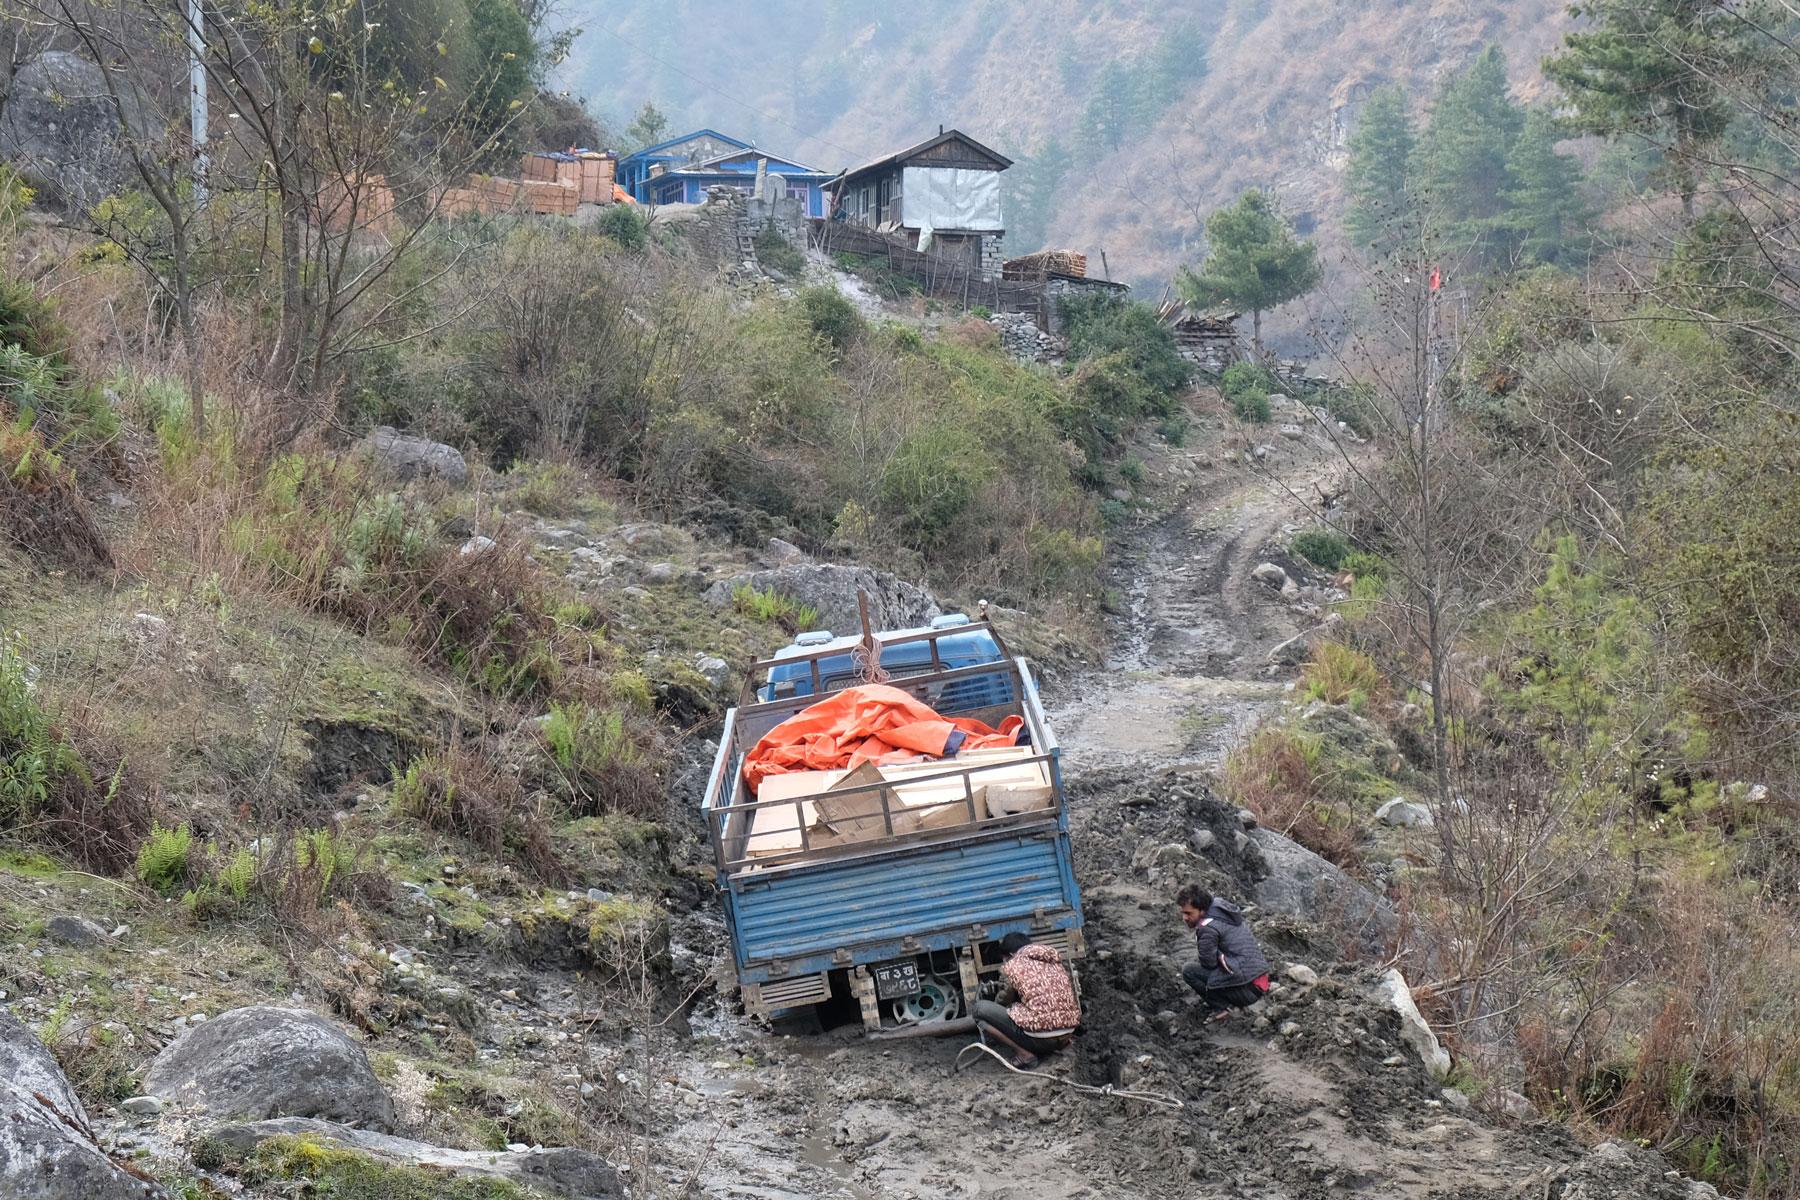 Ein Lastwagen, der auf einer schlammigen Straße feststeckt.